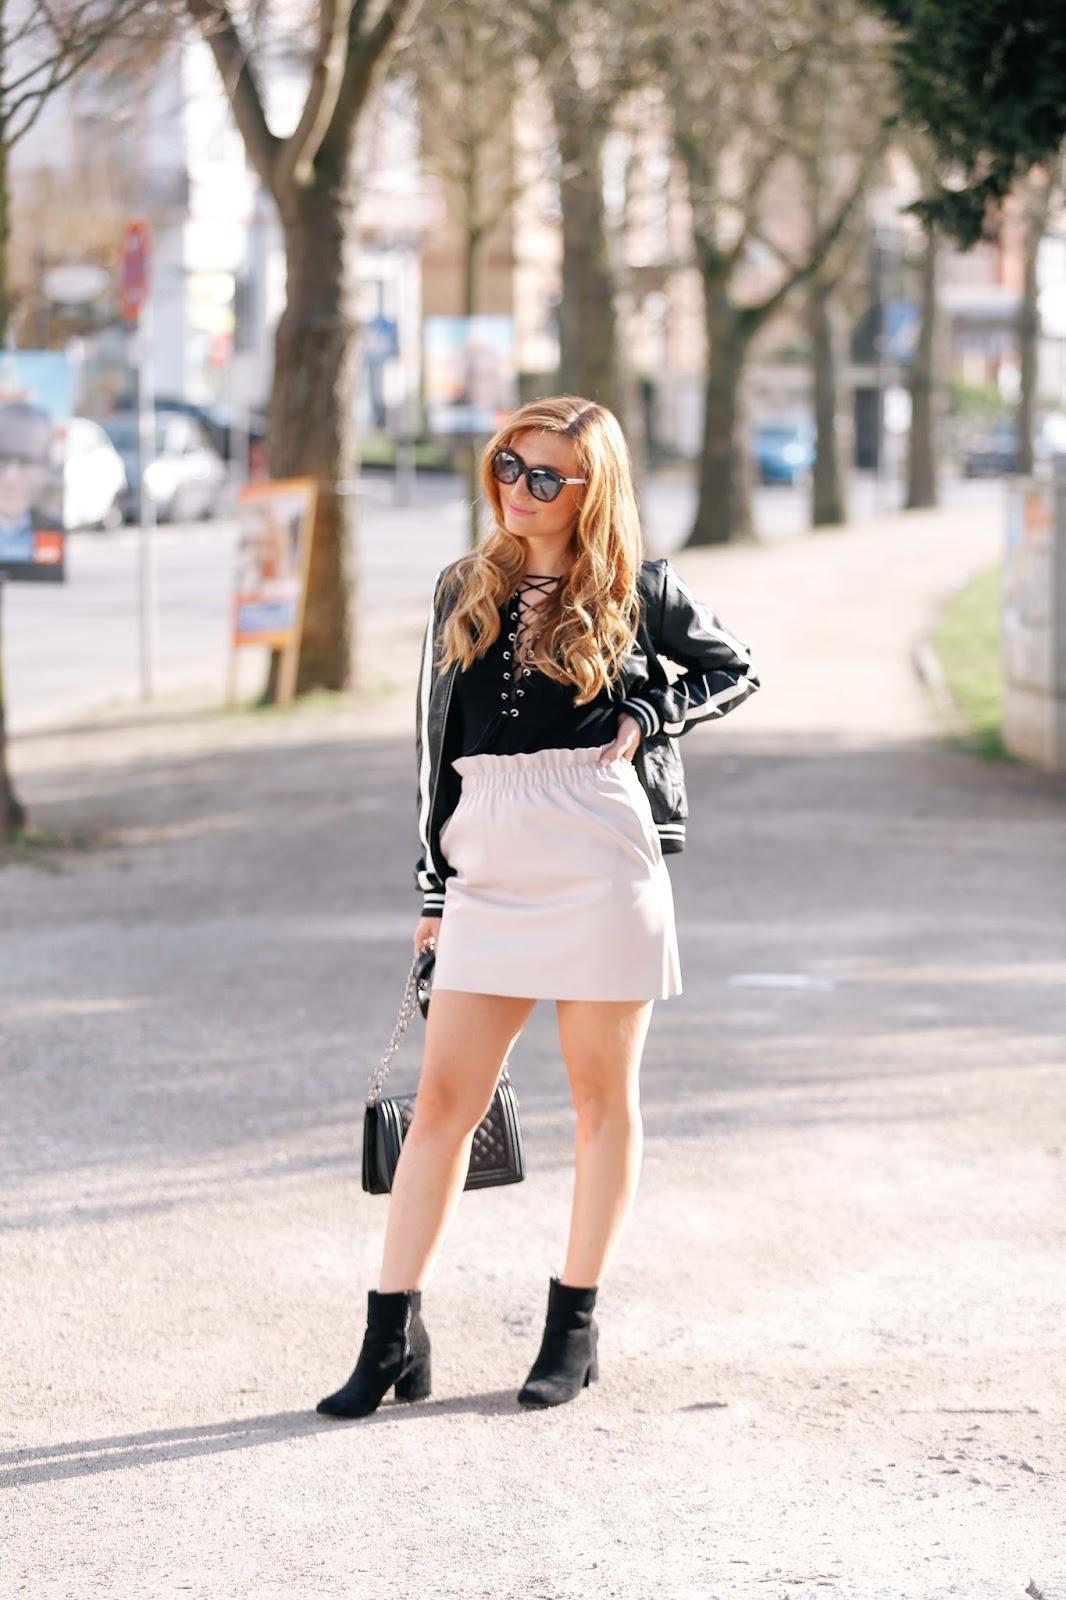 Fashionstylebyjohanna-blogger-aus-deutschland-zara-rock-boots-chanel-tasche